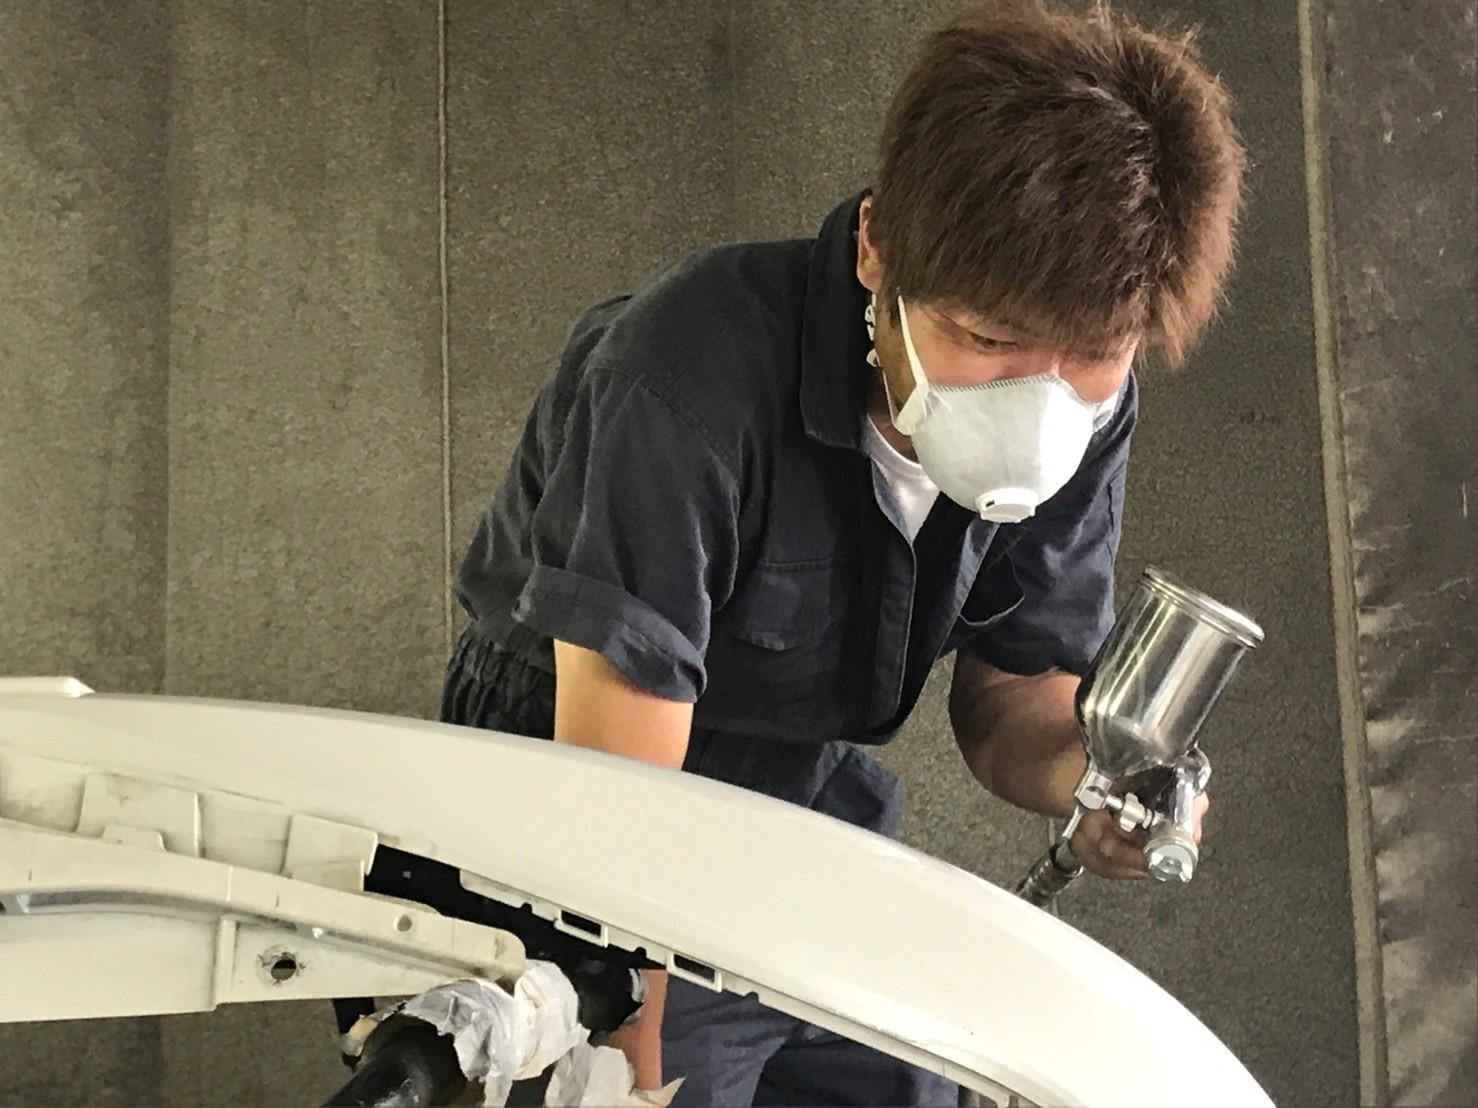 塗装歴25年の熟練スタッフによる塗装